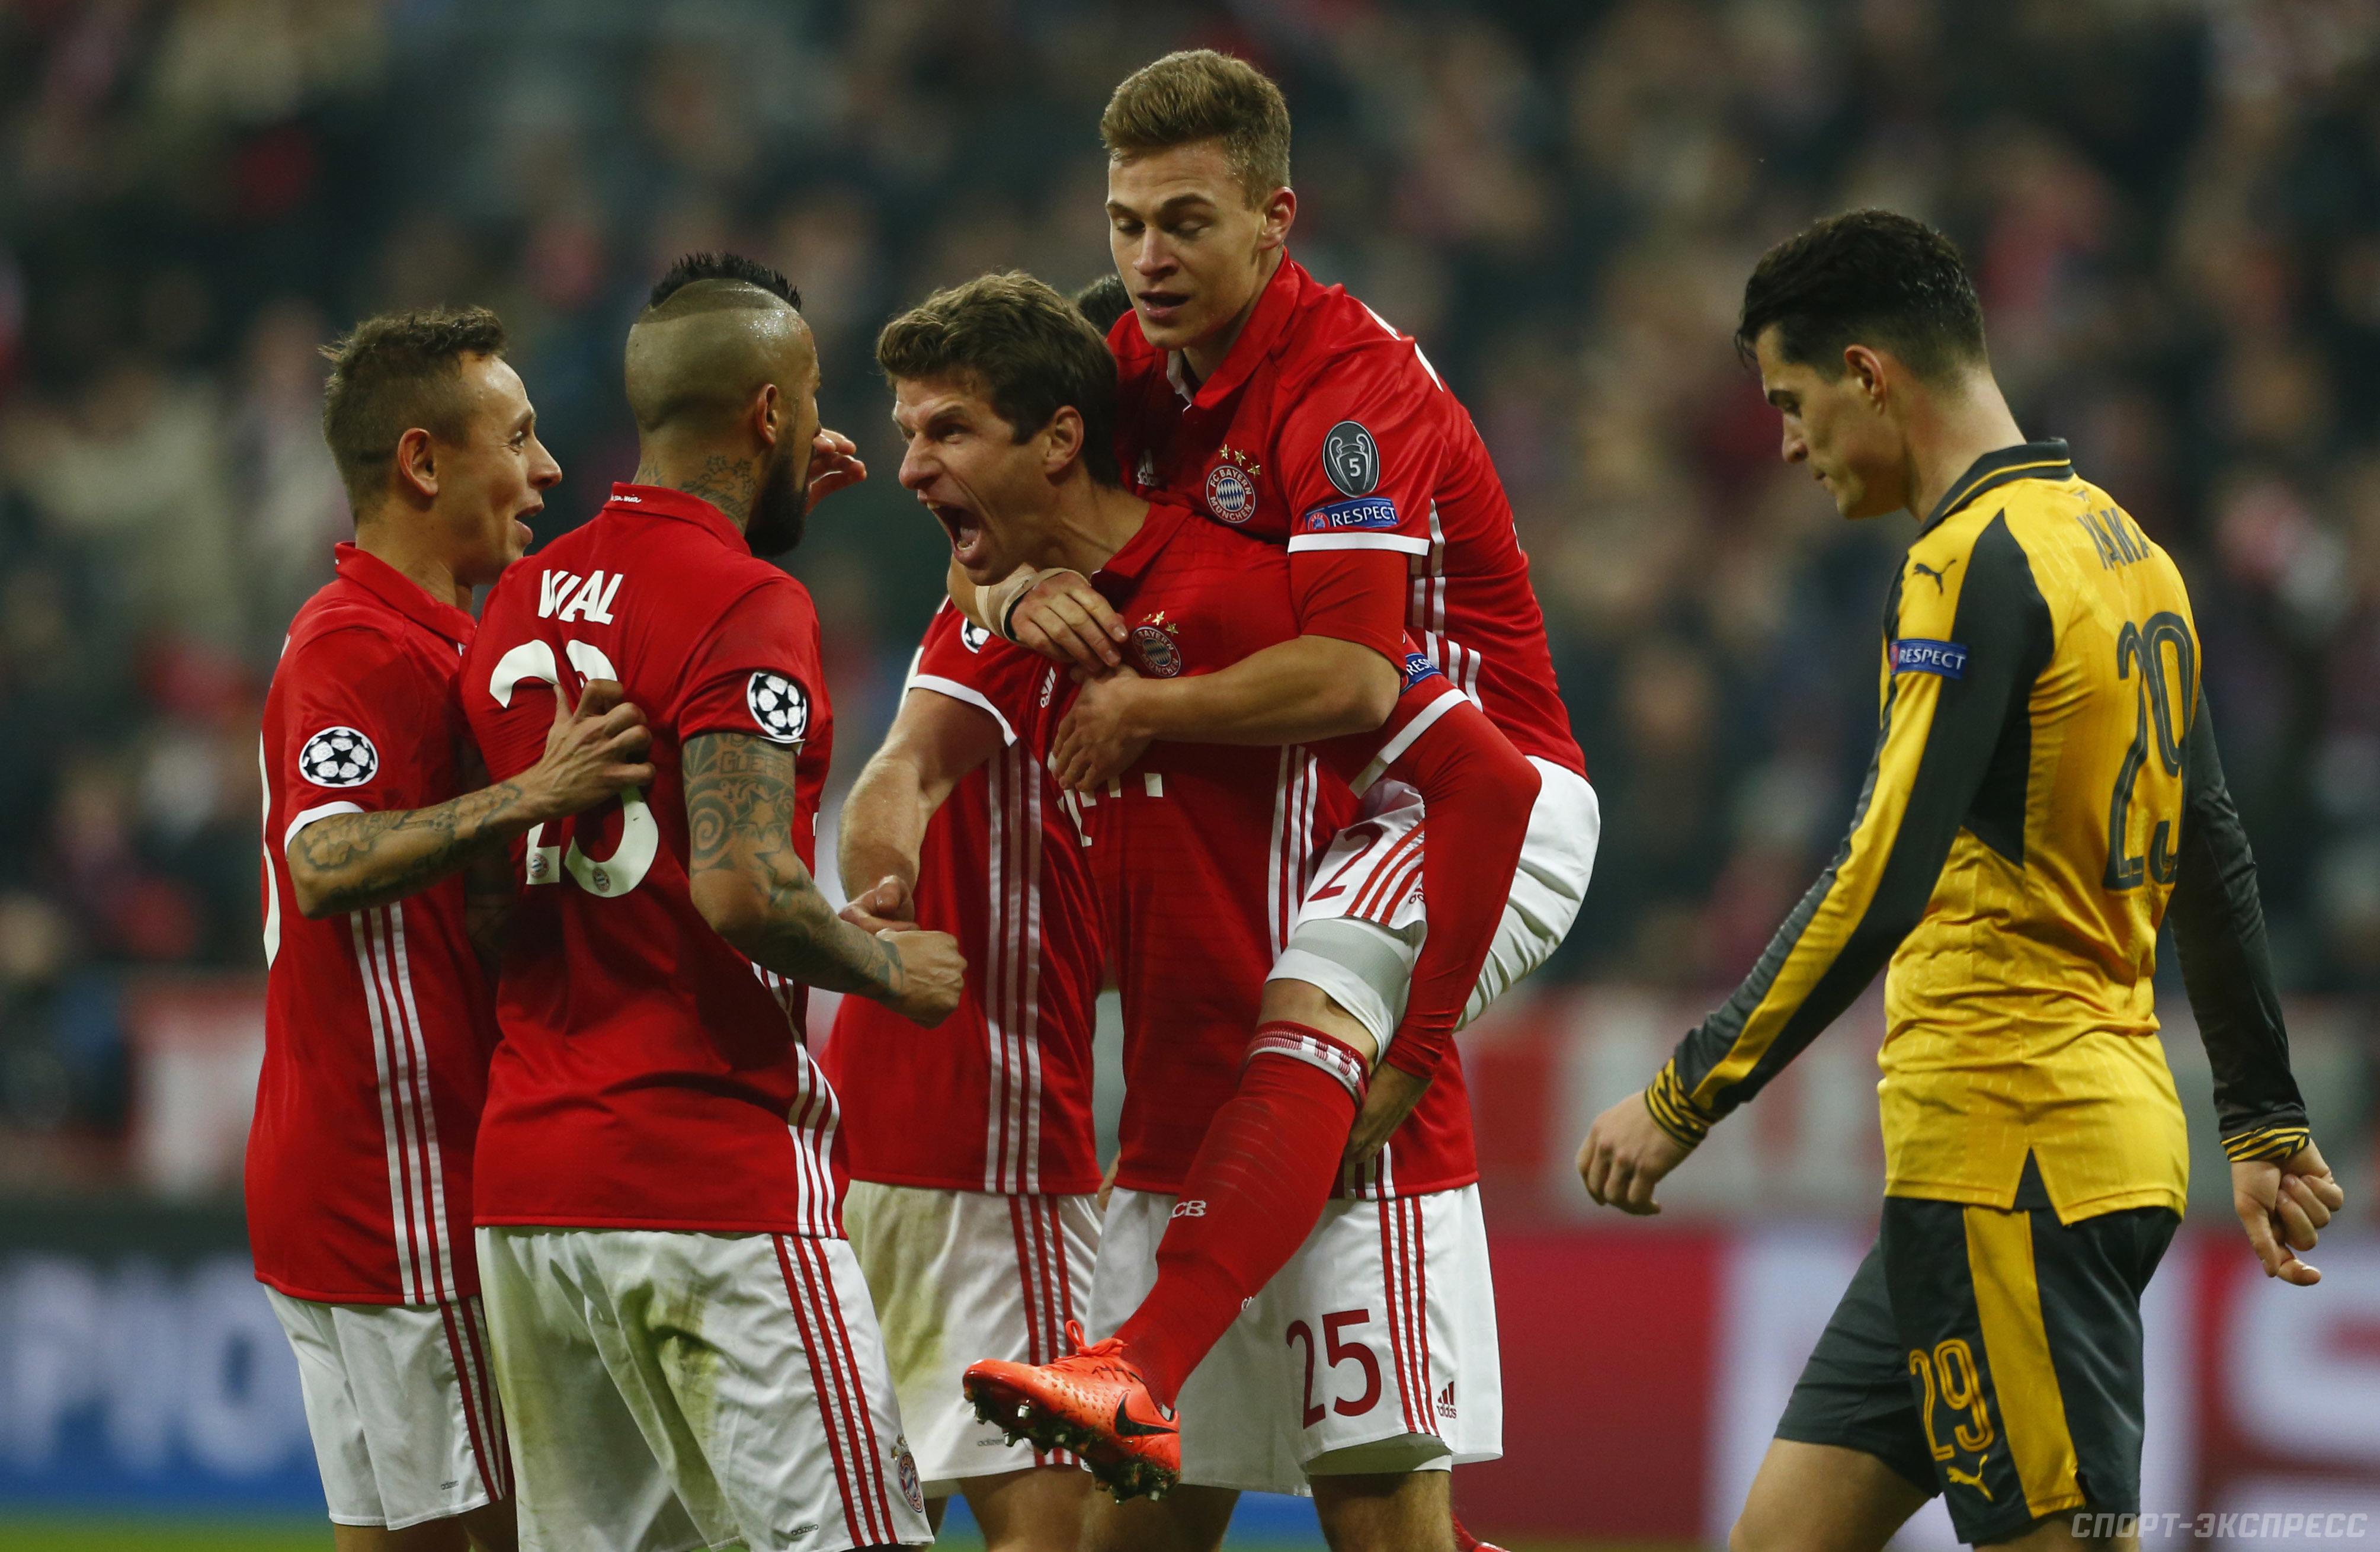 Прогноз на матч Бавария - Арсенал 19 июля 2017